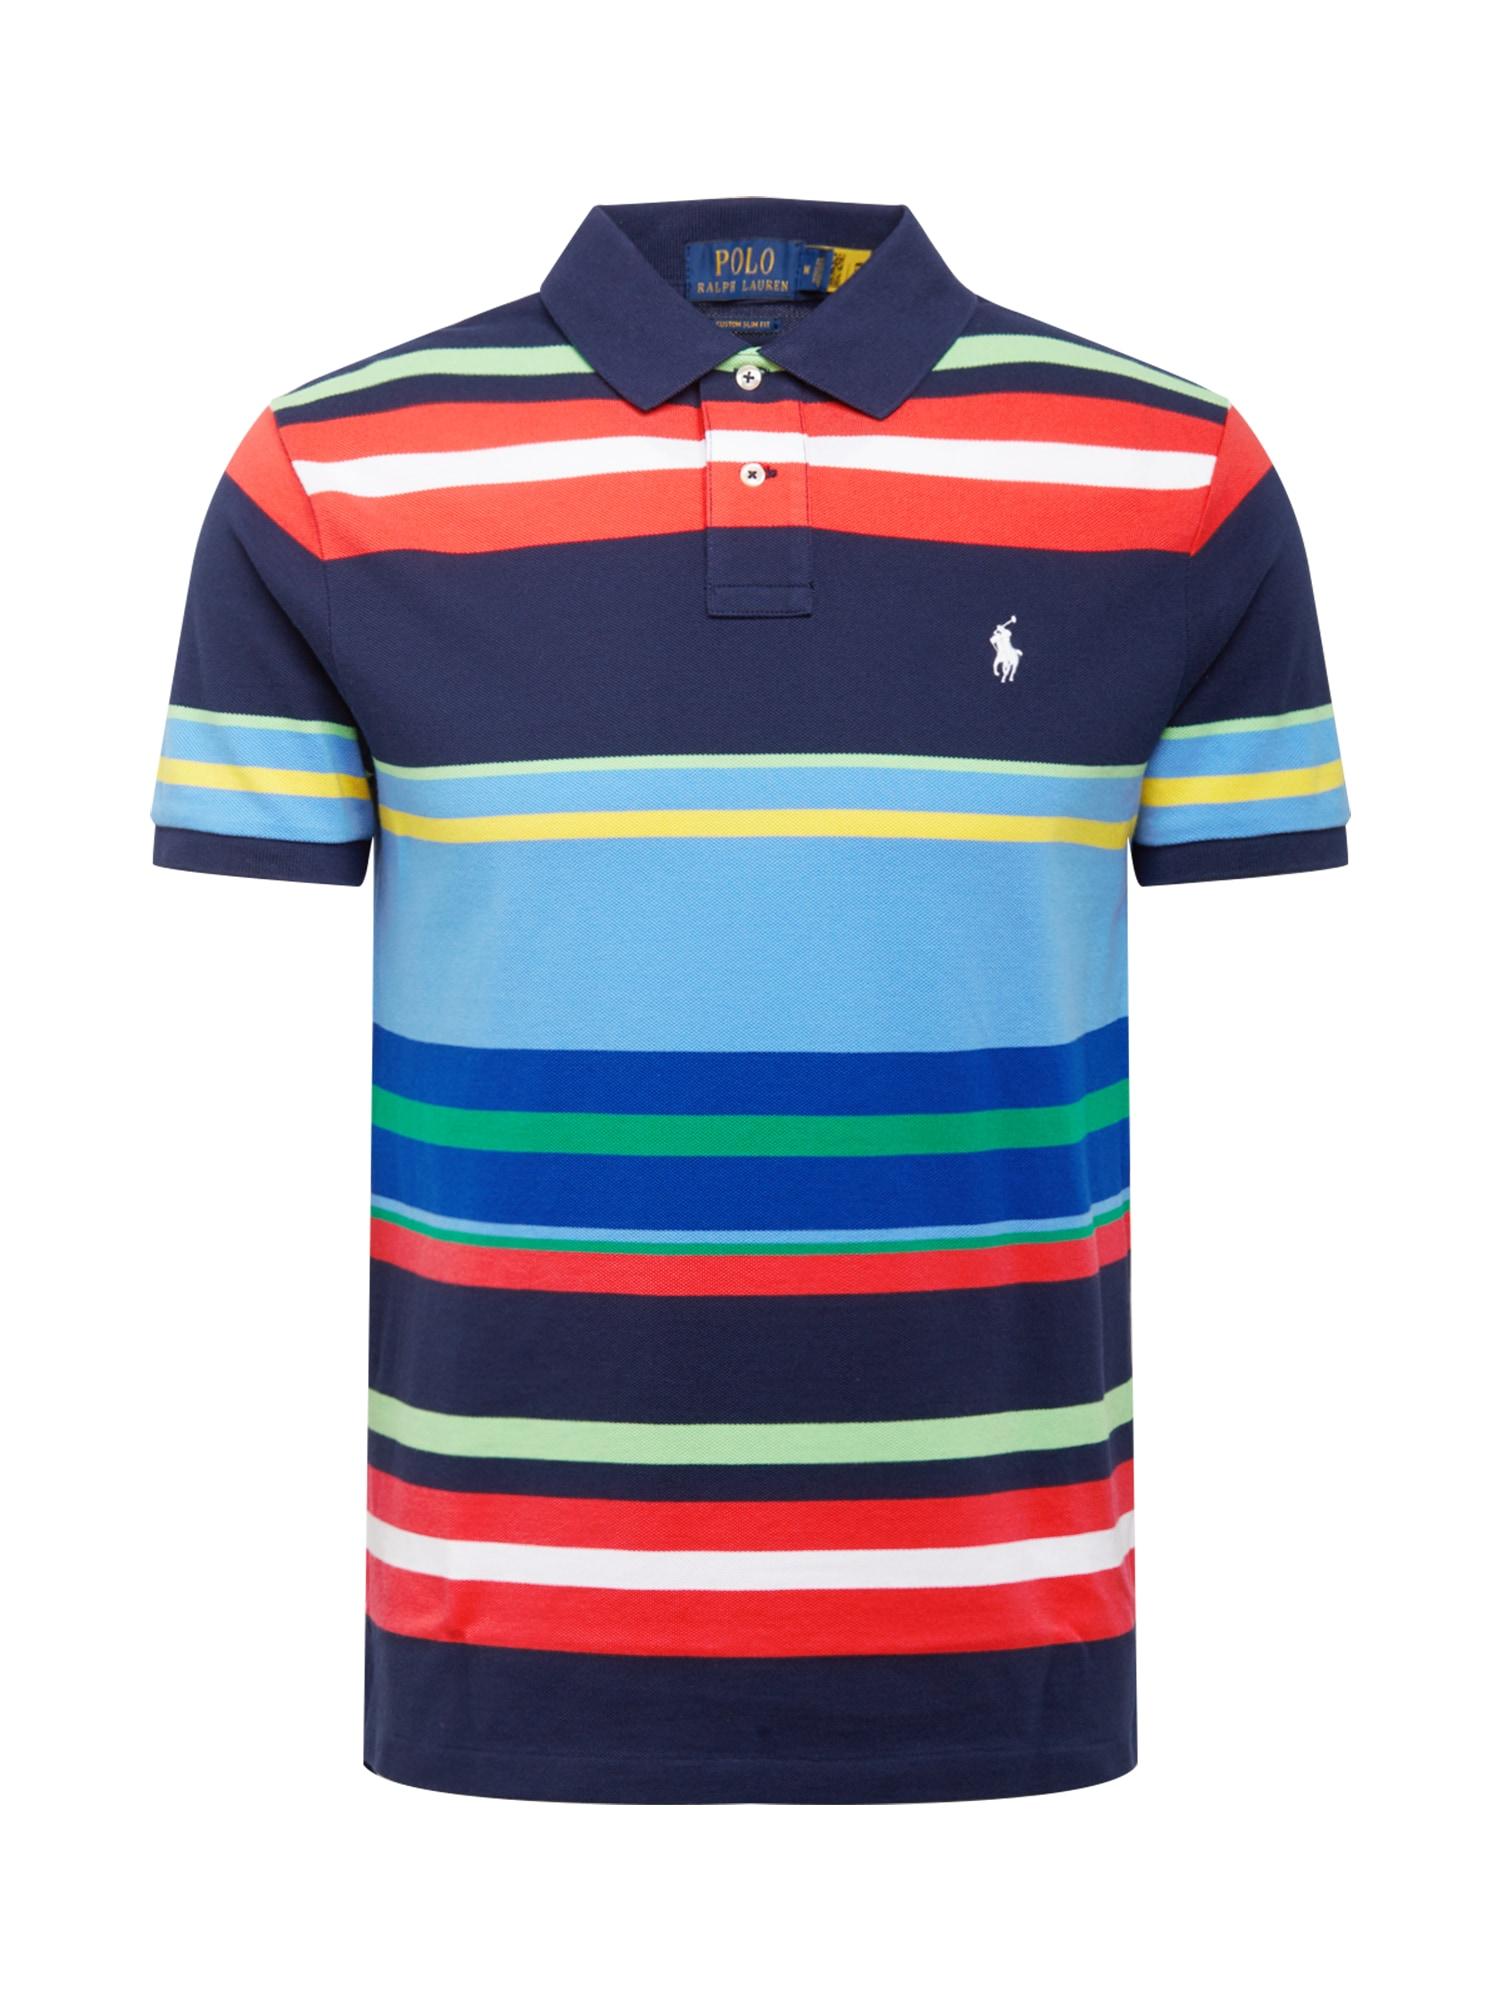 POLO RALPH LAUREN Marškinėliai tamsiai mėlyna / raudona / žalia / šviesiai mėlyna / geltona